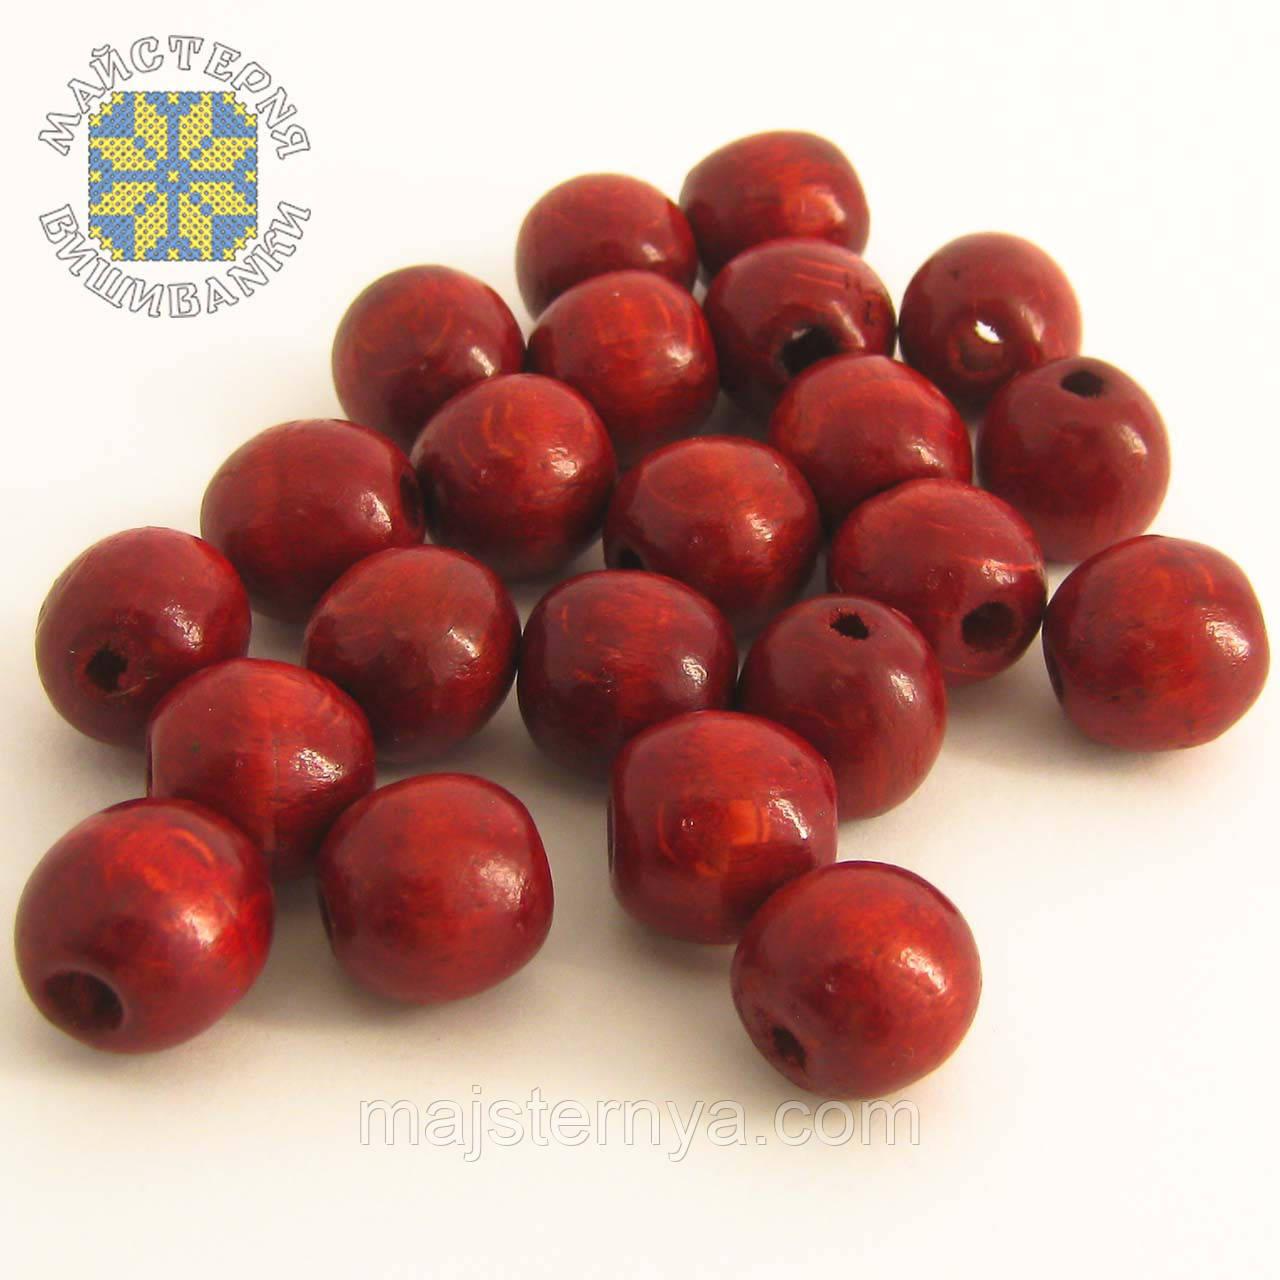 Дерев'яні бусини 1,3см бордового кольору